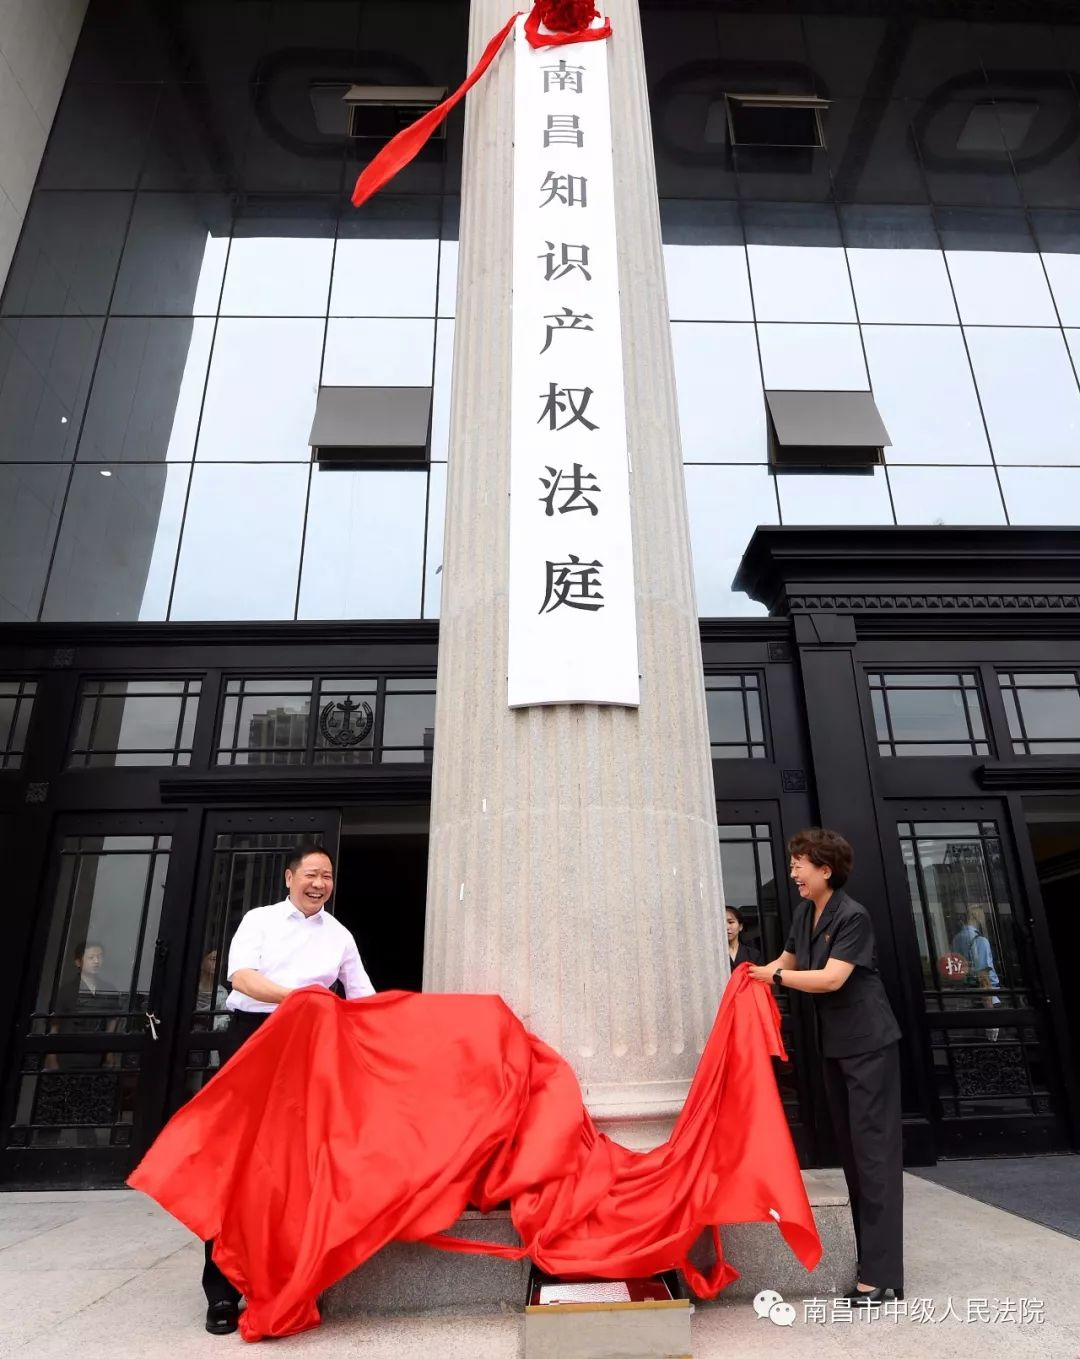 刚刚!「南昌知识产权法庭」正式揭牌成立!(附15个知识产权法庭详情)